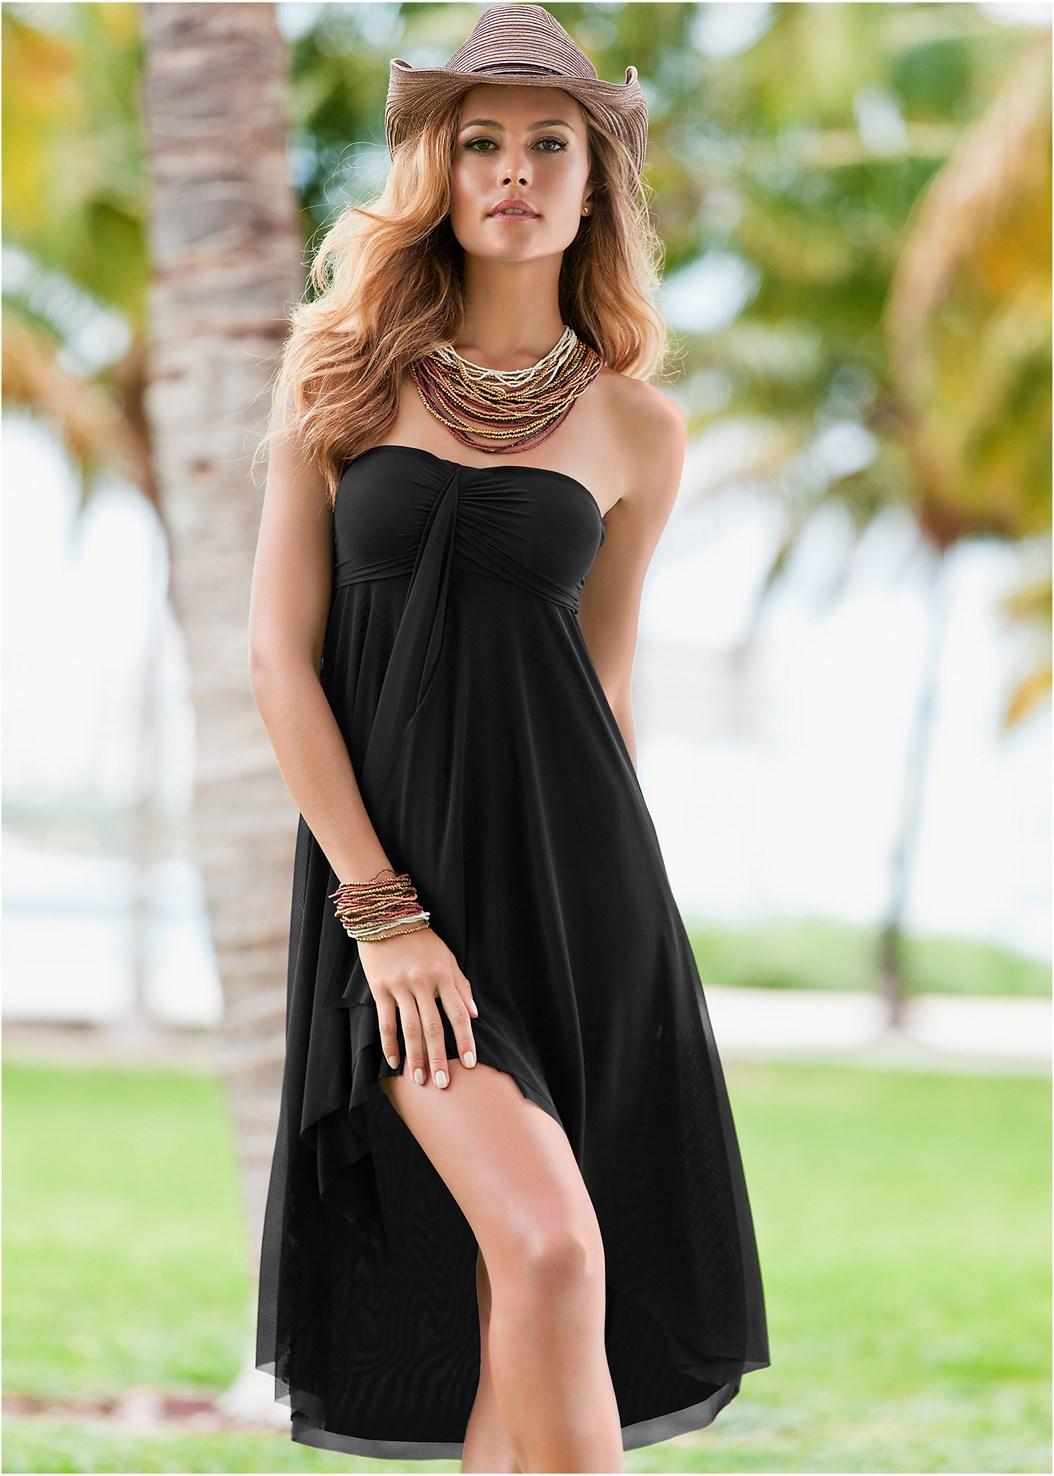 Mesh Dress/Skirt,Goddess Enhancer Push Up Halter Top,Goddess Low Rise Bottom